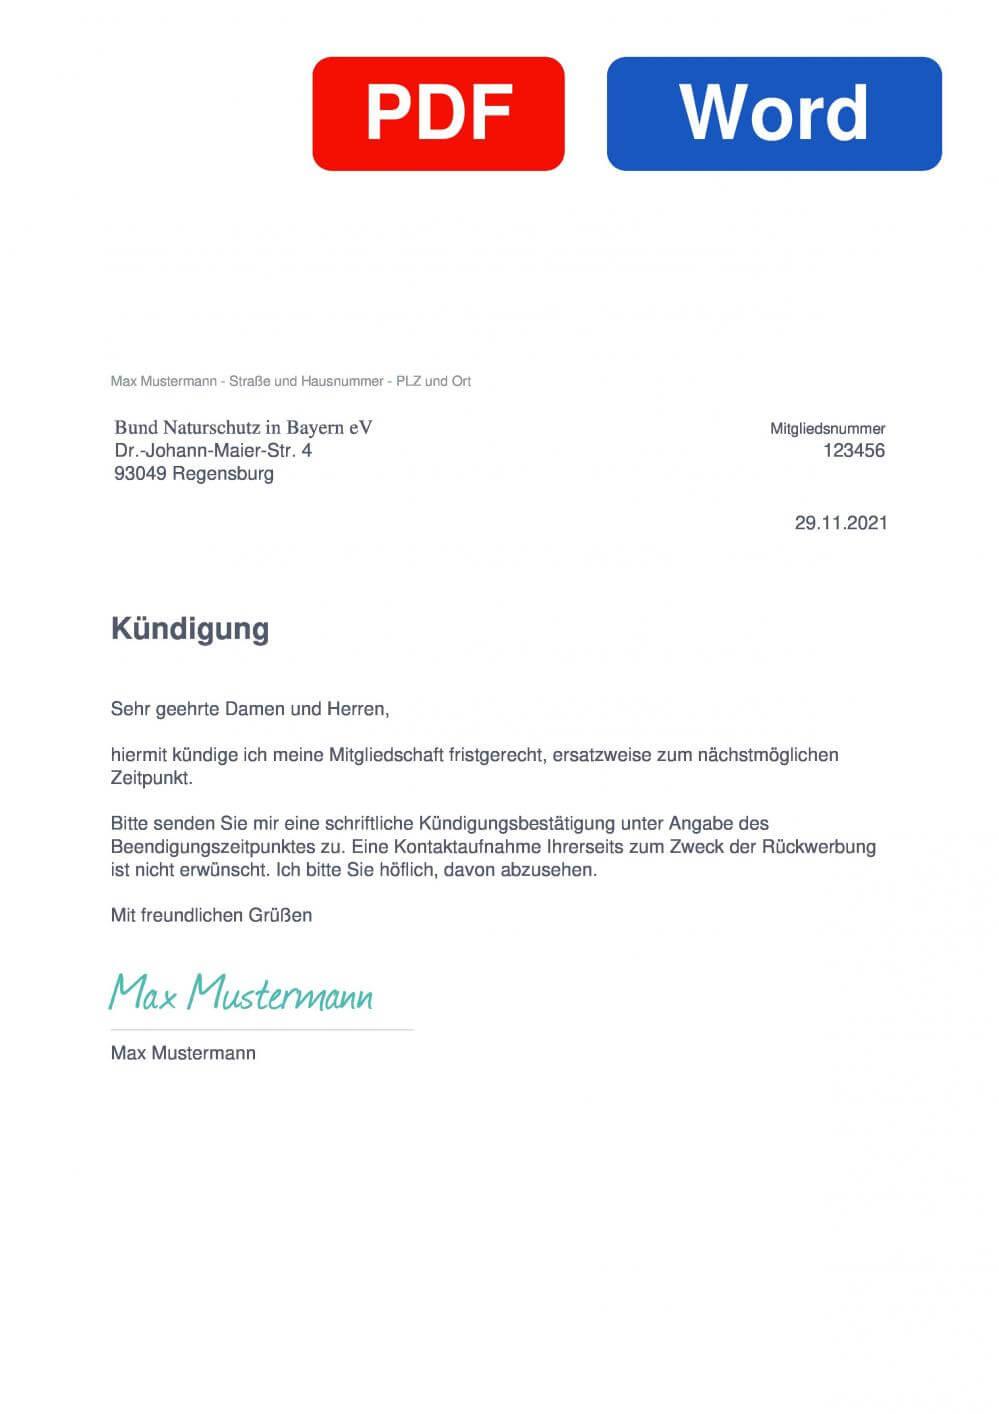 Bund Naturschutz Muster Vorlage für Kündigungsschreiben